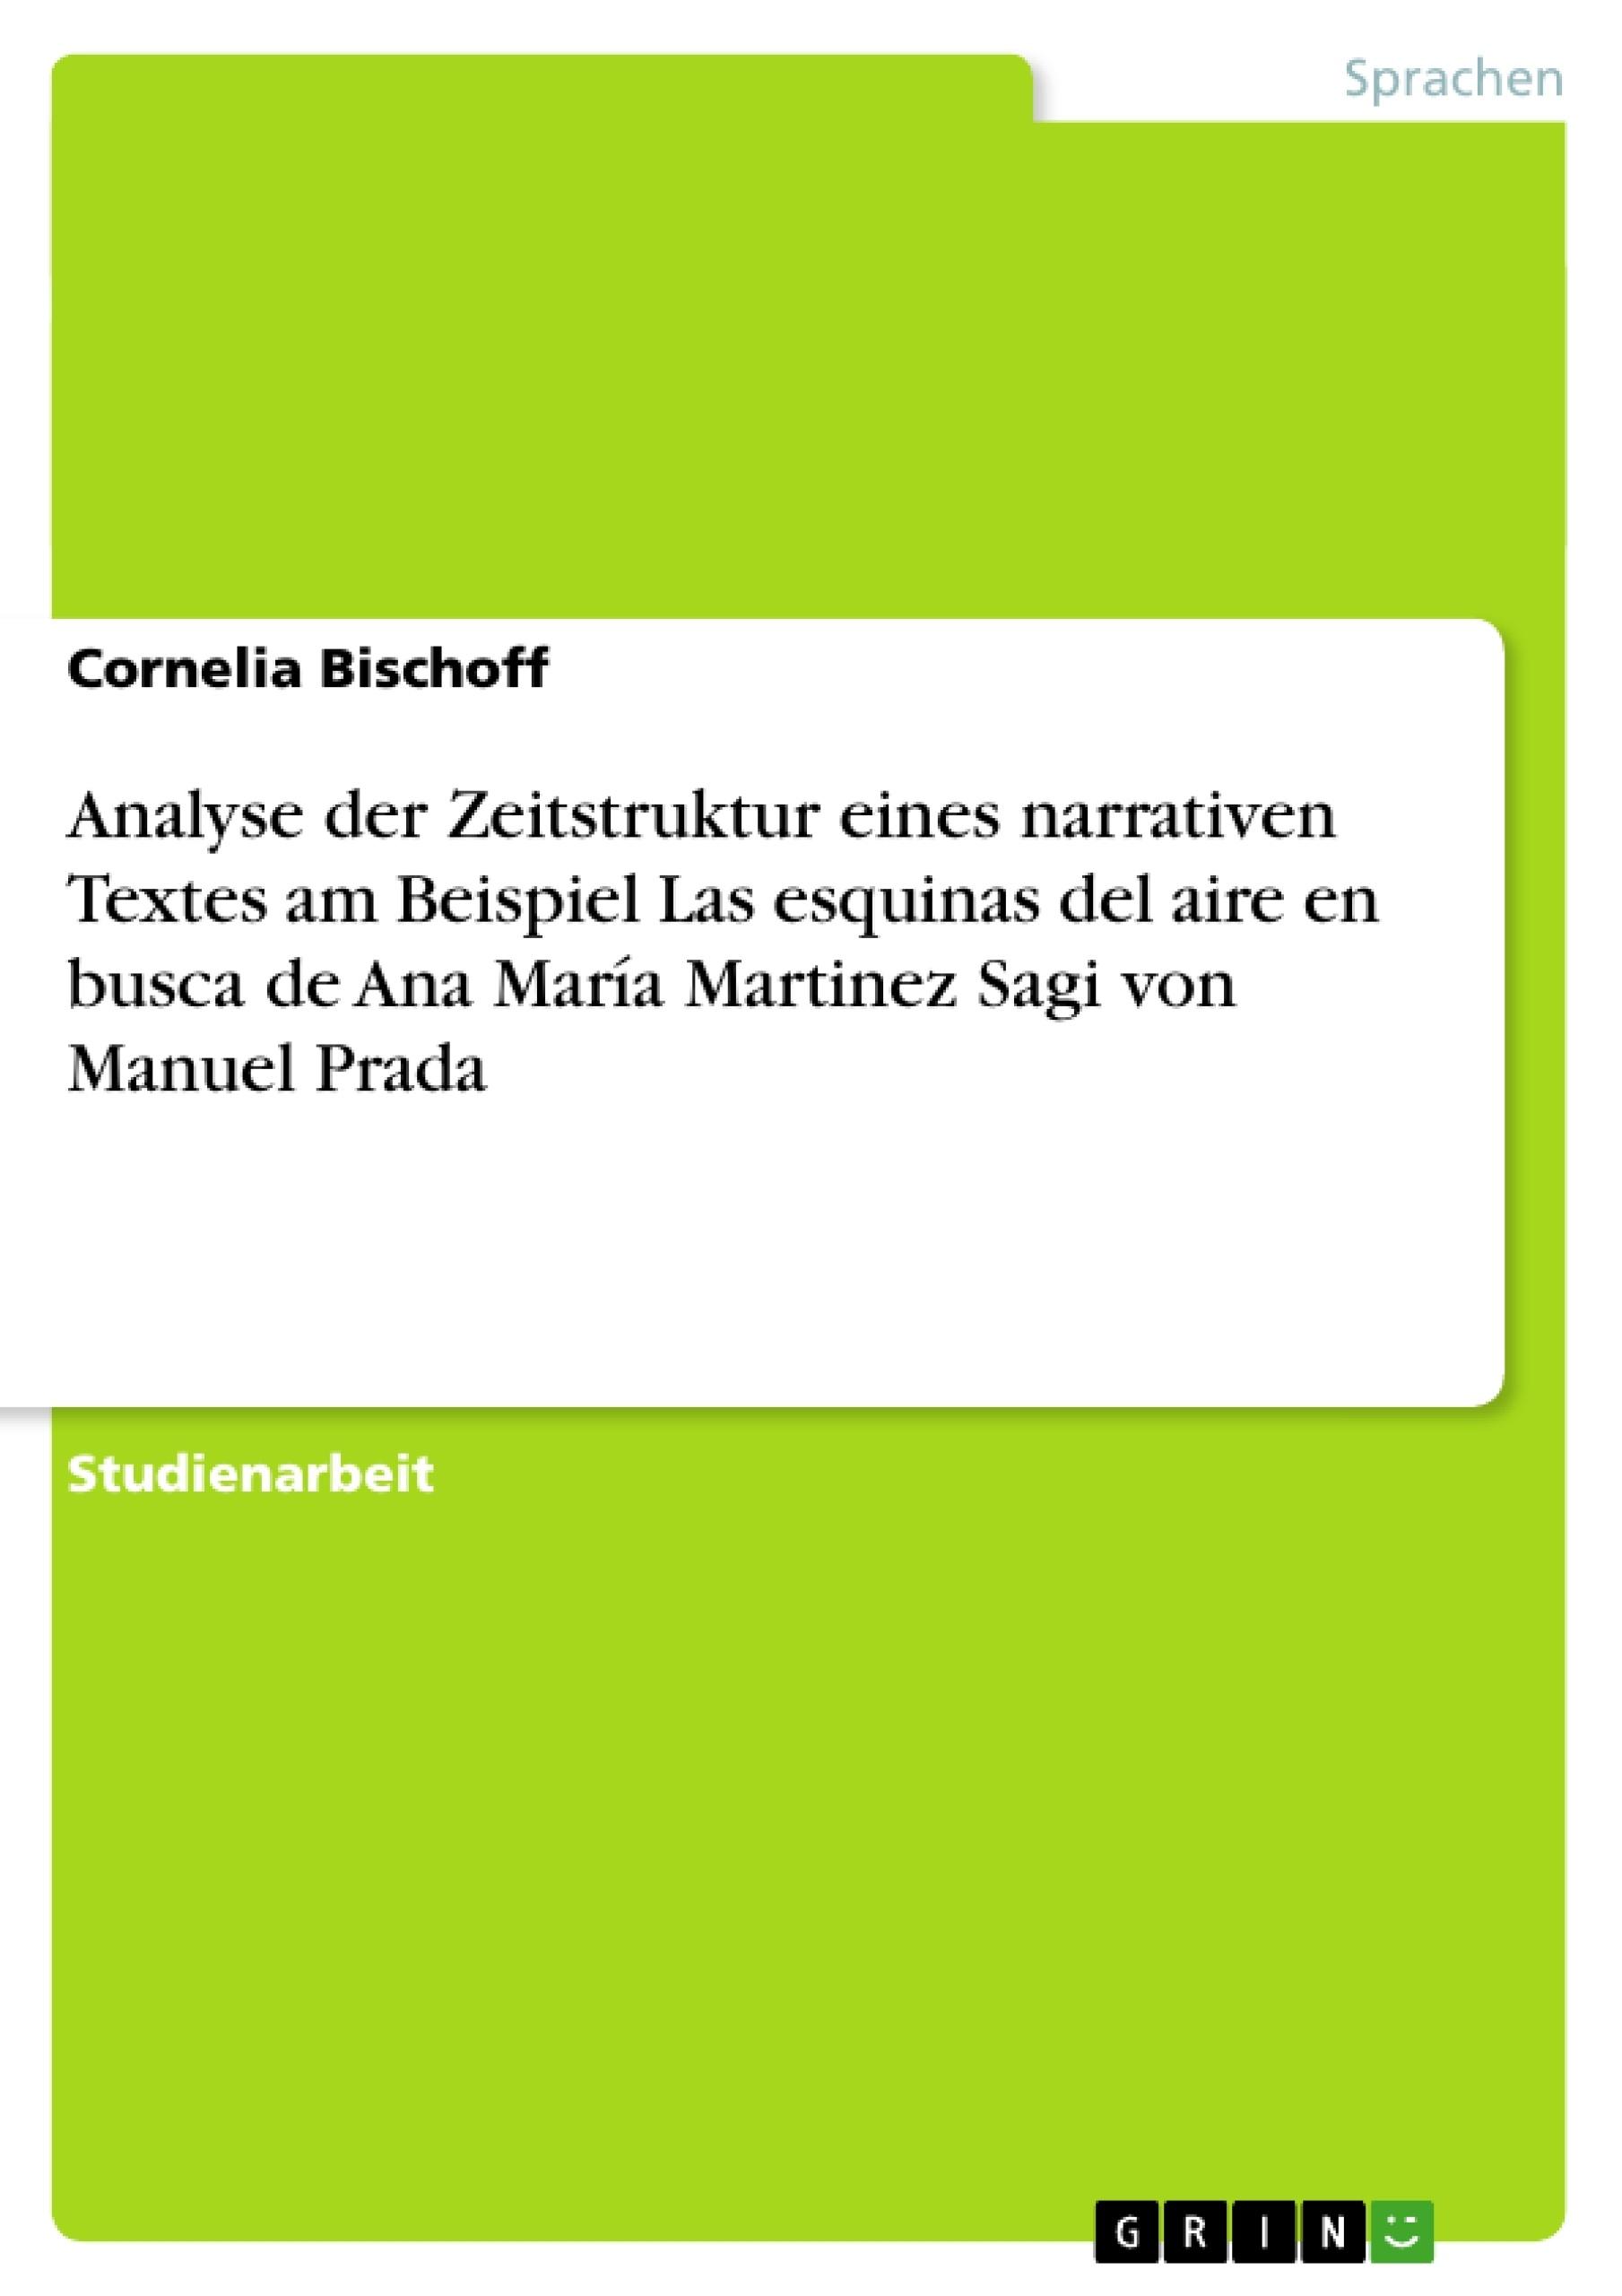 Titel: Analyse der Zeitstruktur eines narrativen Textes am Beispiel Las esquinas del aire en busca de Ana María Martinez Sagi von Manuel Prada